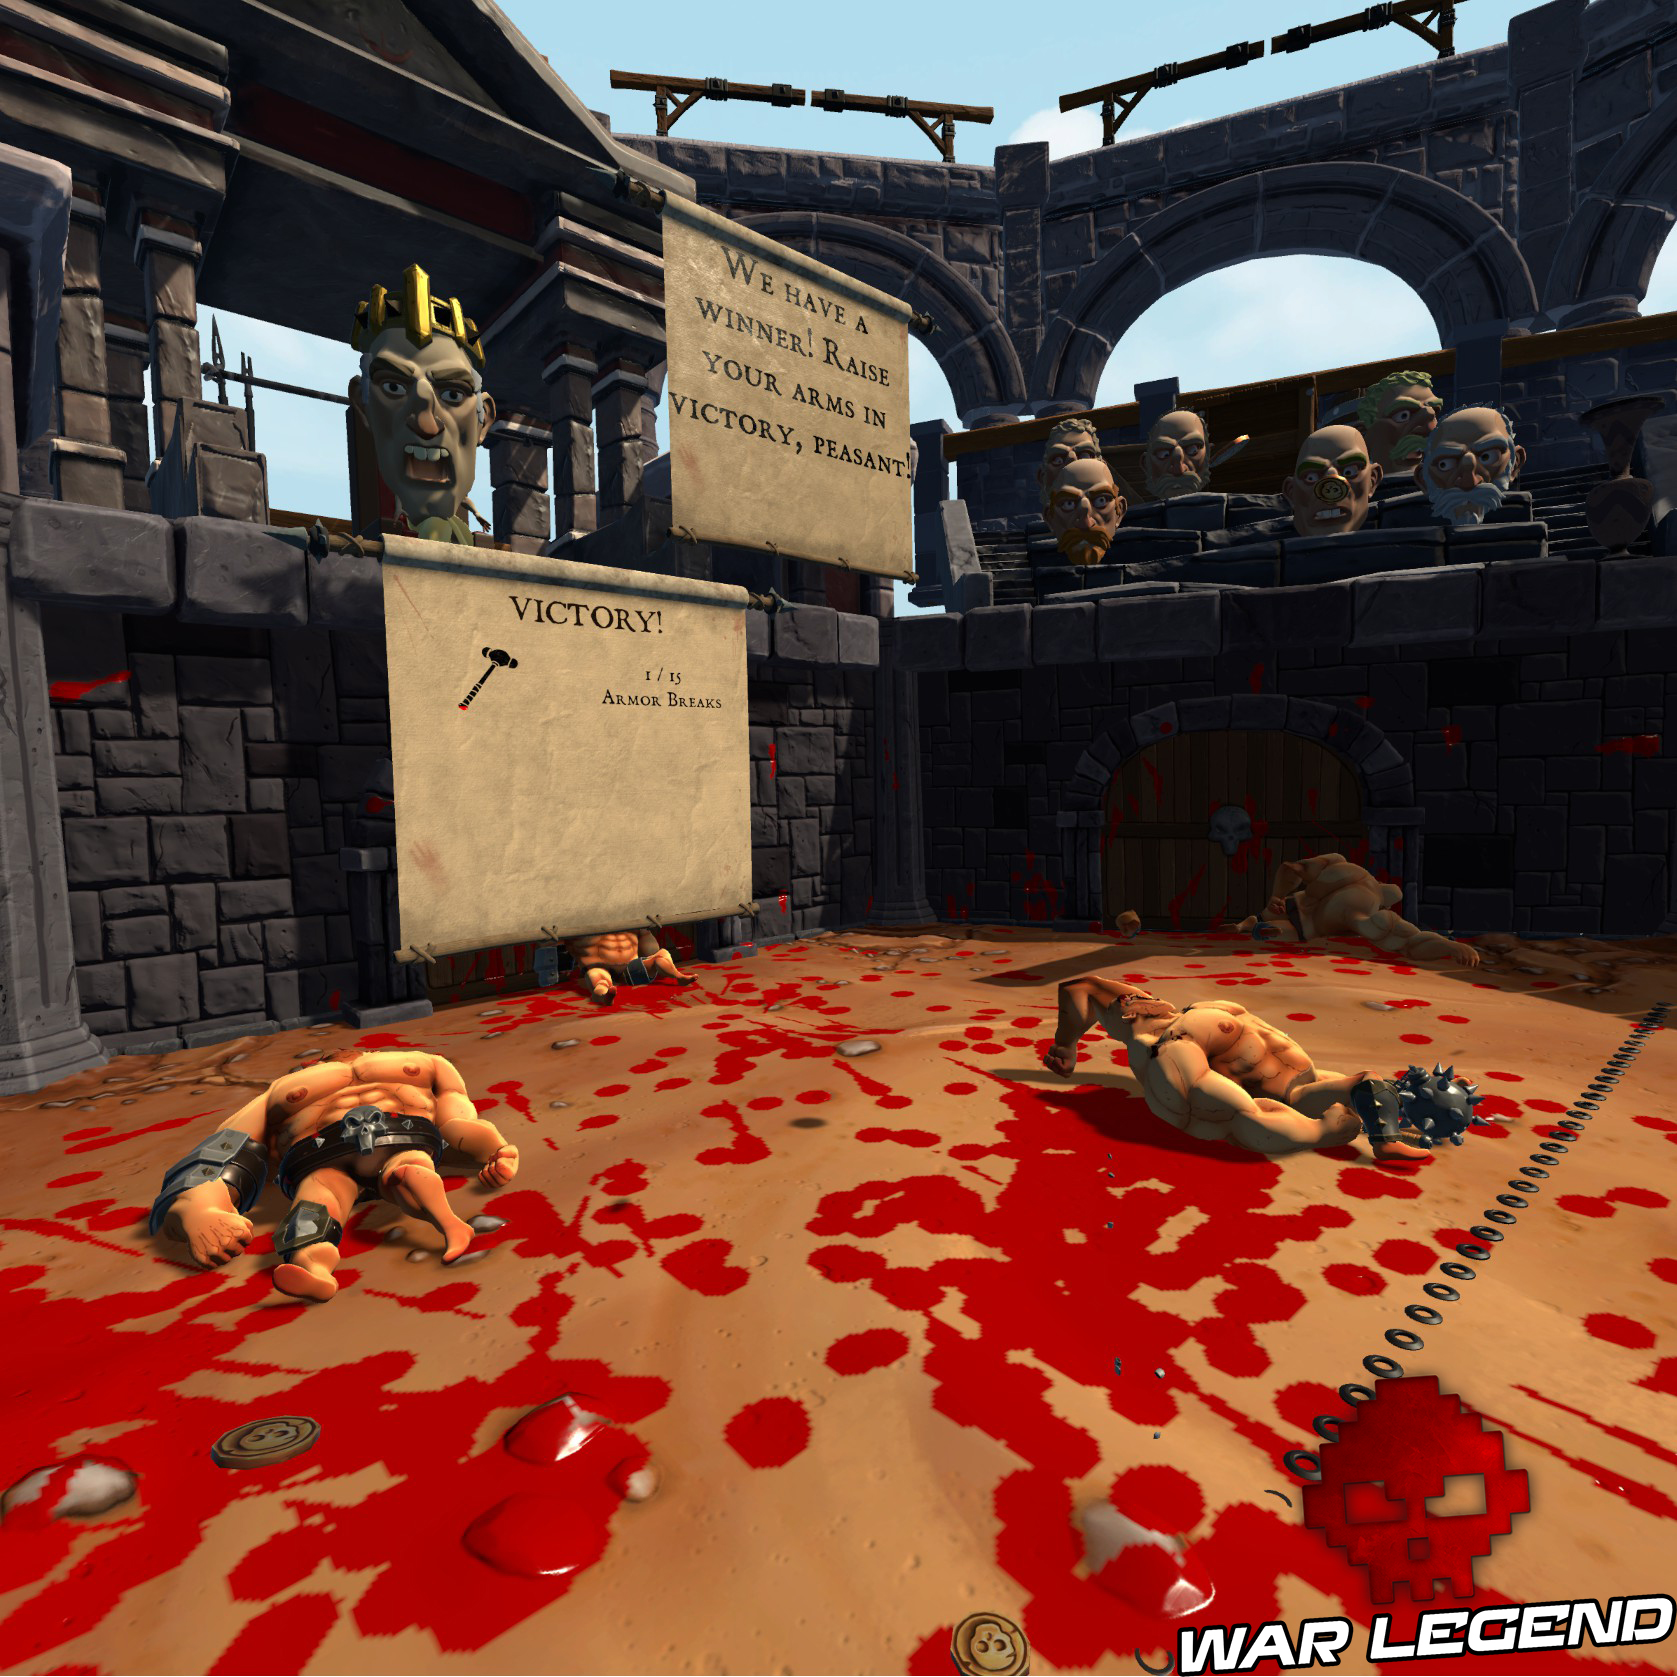 gladiateurs à terre, sang partout et progression du score